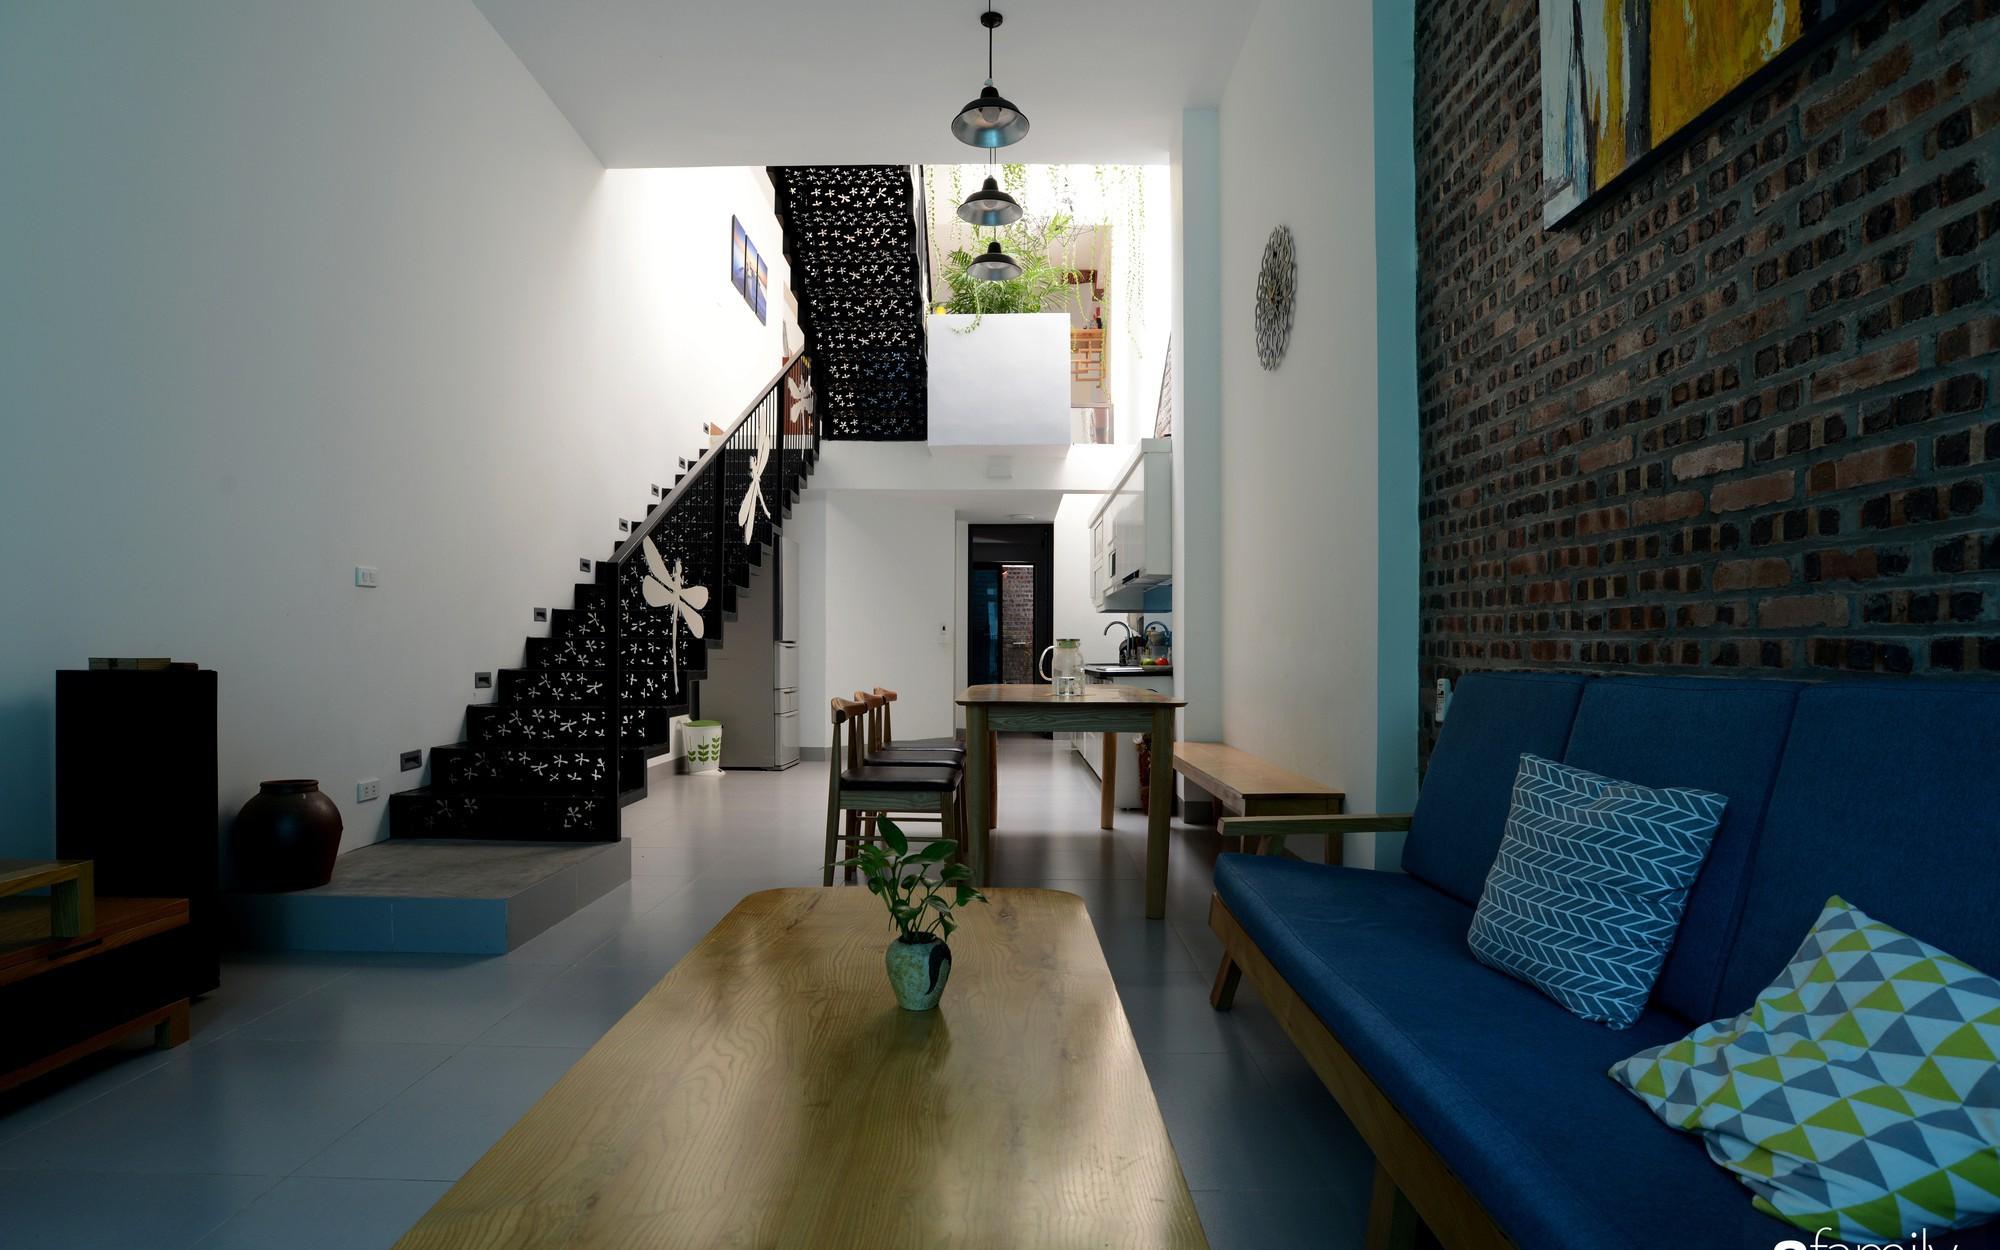 Lạc bước vào ngôi nhà Hoa nắng ở Vĩnh Phúc, nơi ký ức tuổi thơ đong đầy